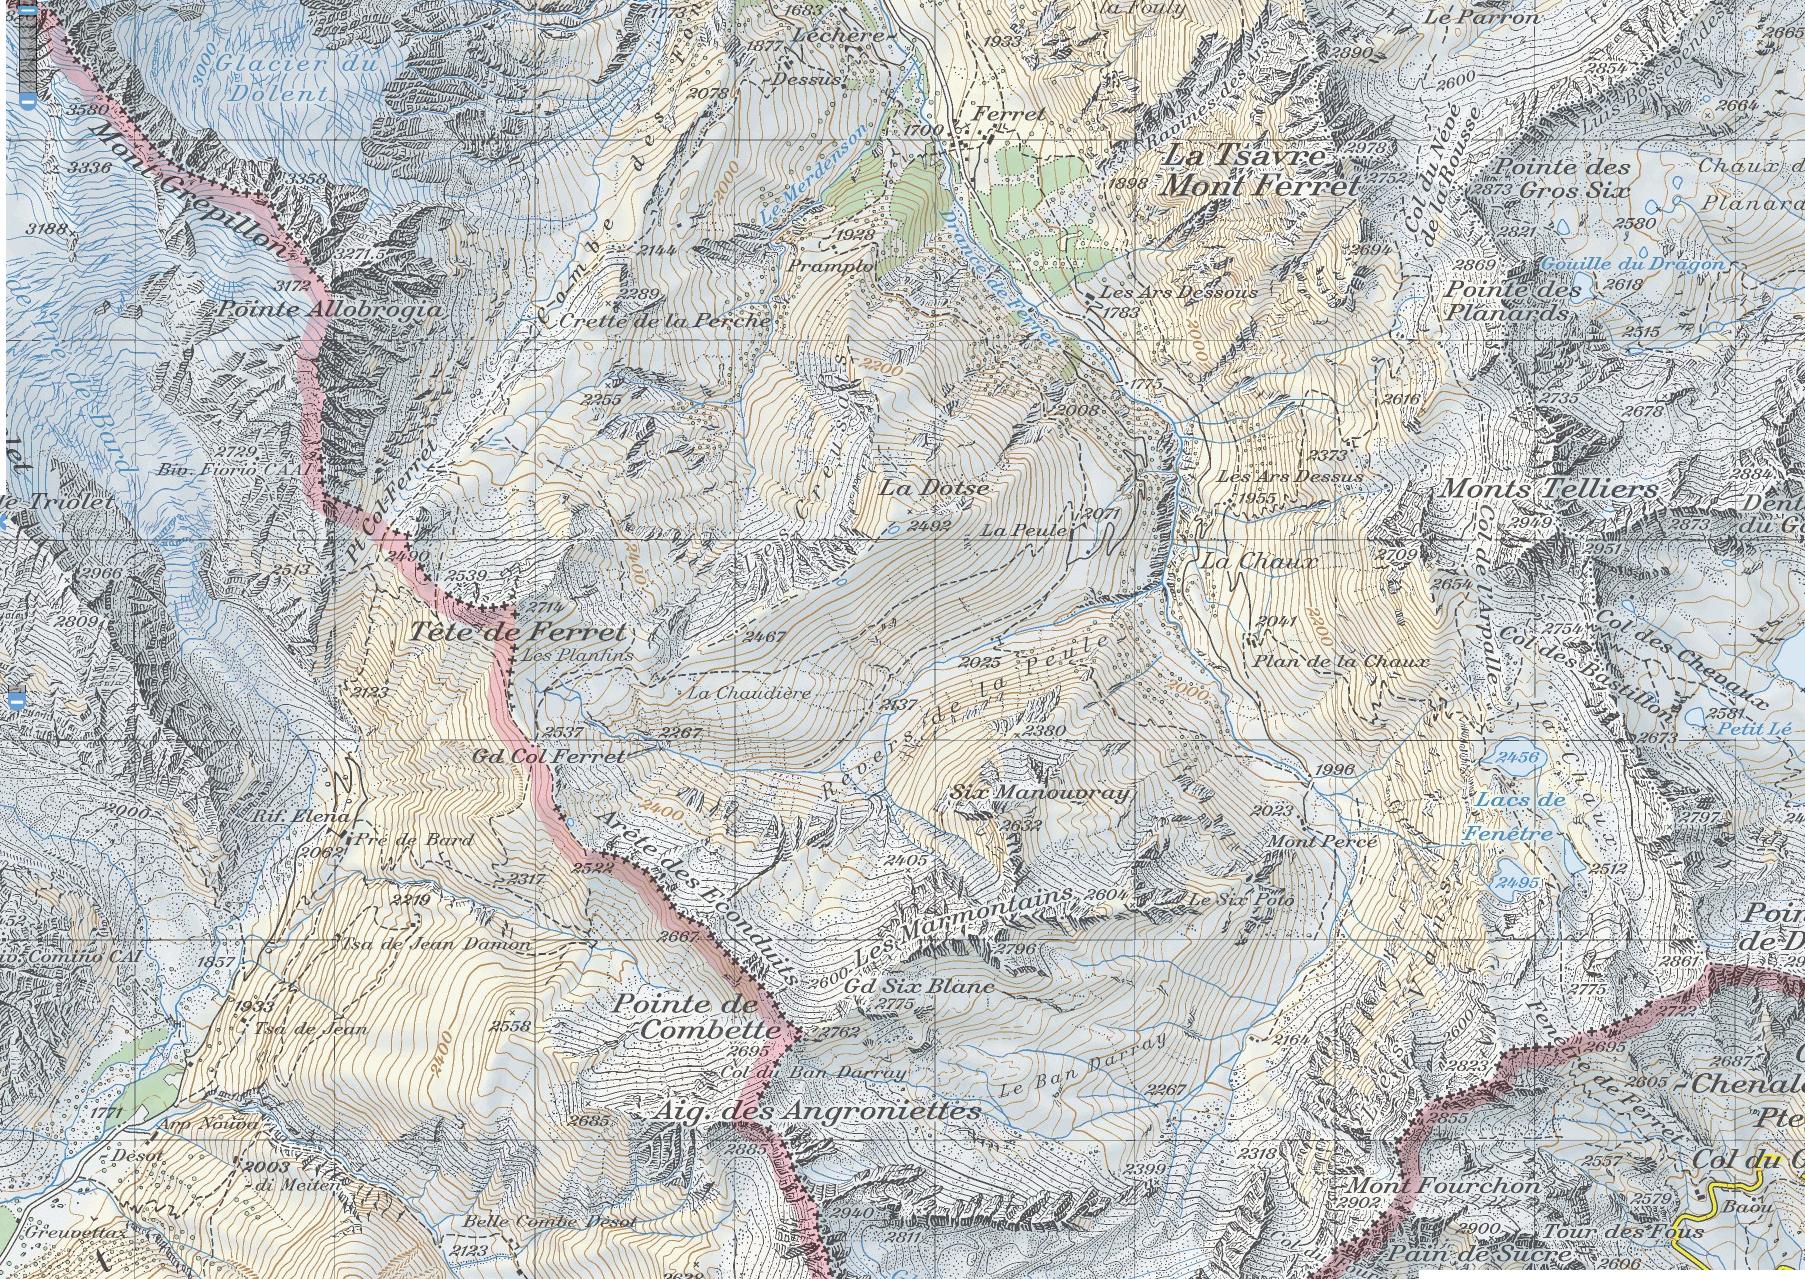 карта перевал Ferret, перевал Fenêtre de Ferret, перевал Сен-Бернар скачать